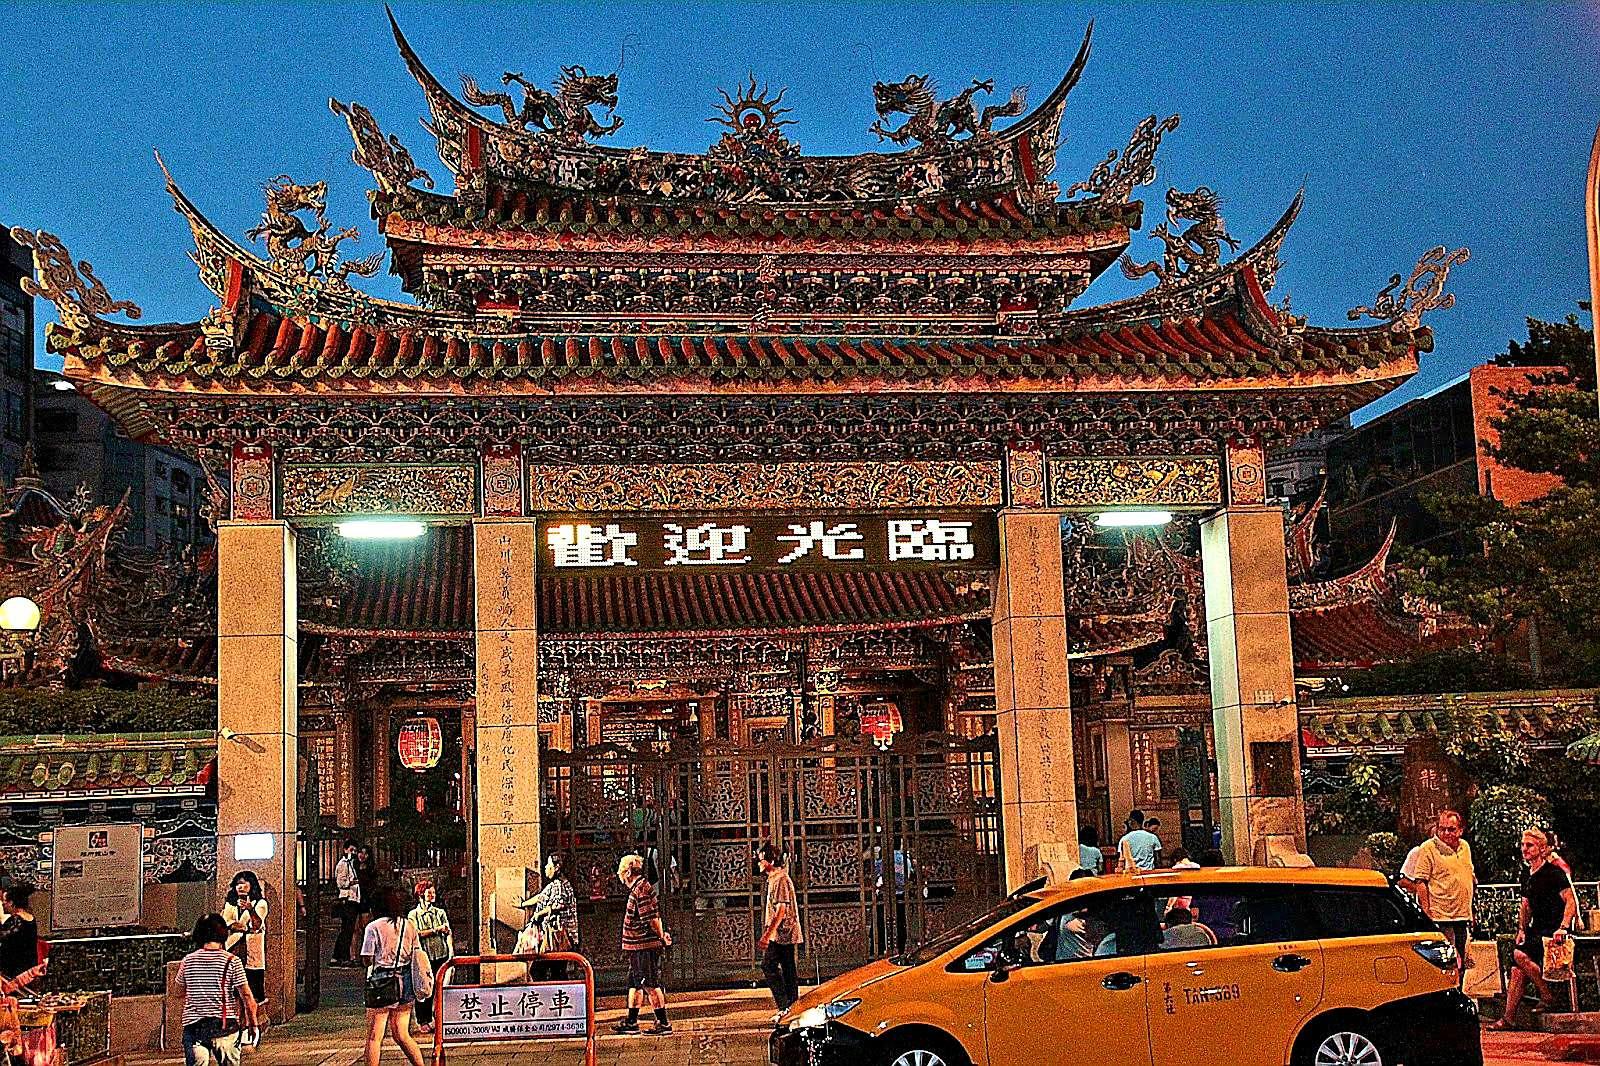 歡迎您瀏覽學到老BLOG 大家相聚多姿多彩的網絡世界: 臺北艋舺龍山寺及故宮博物館